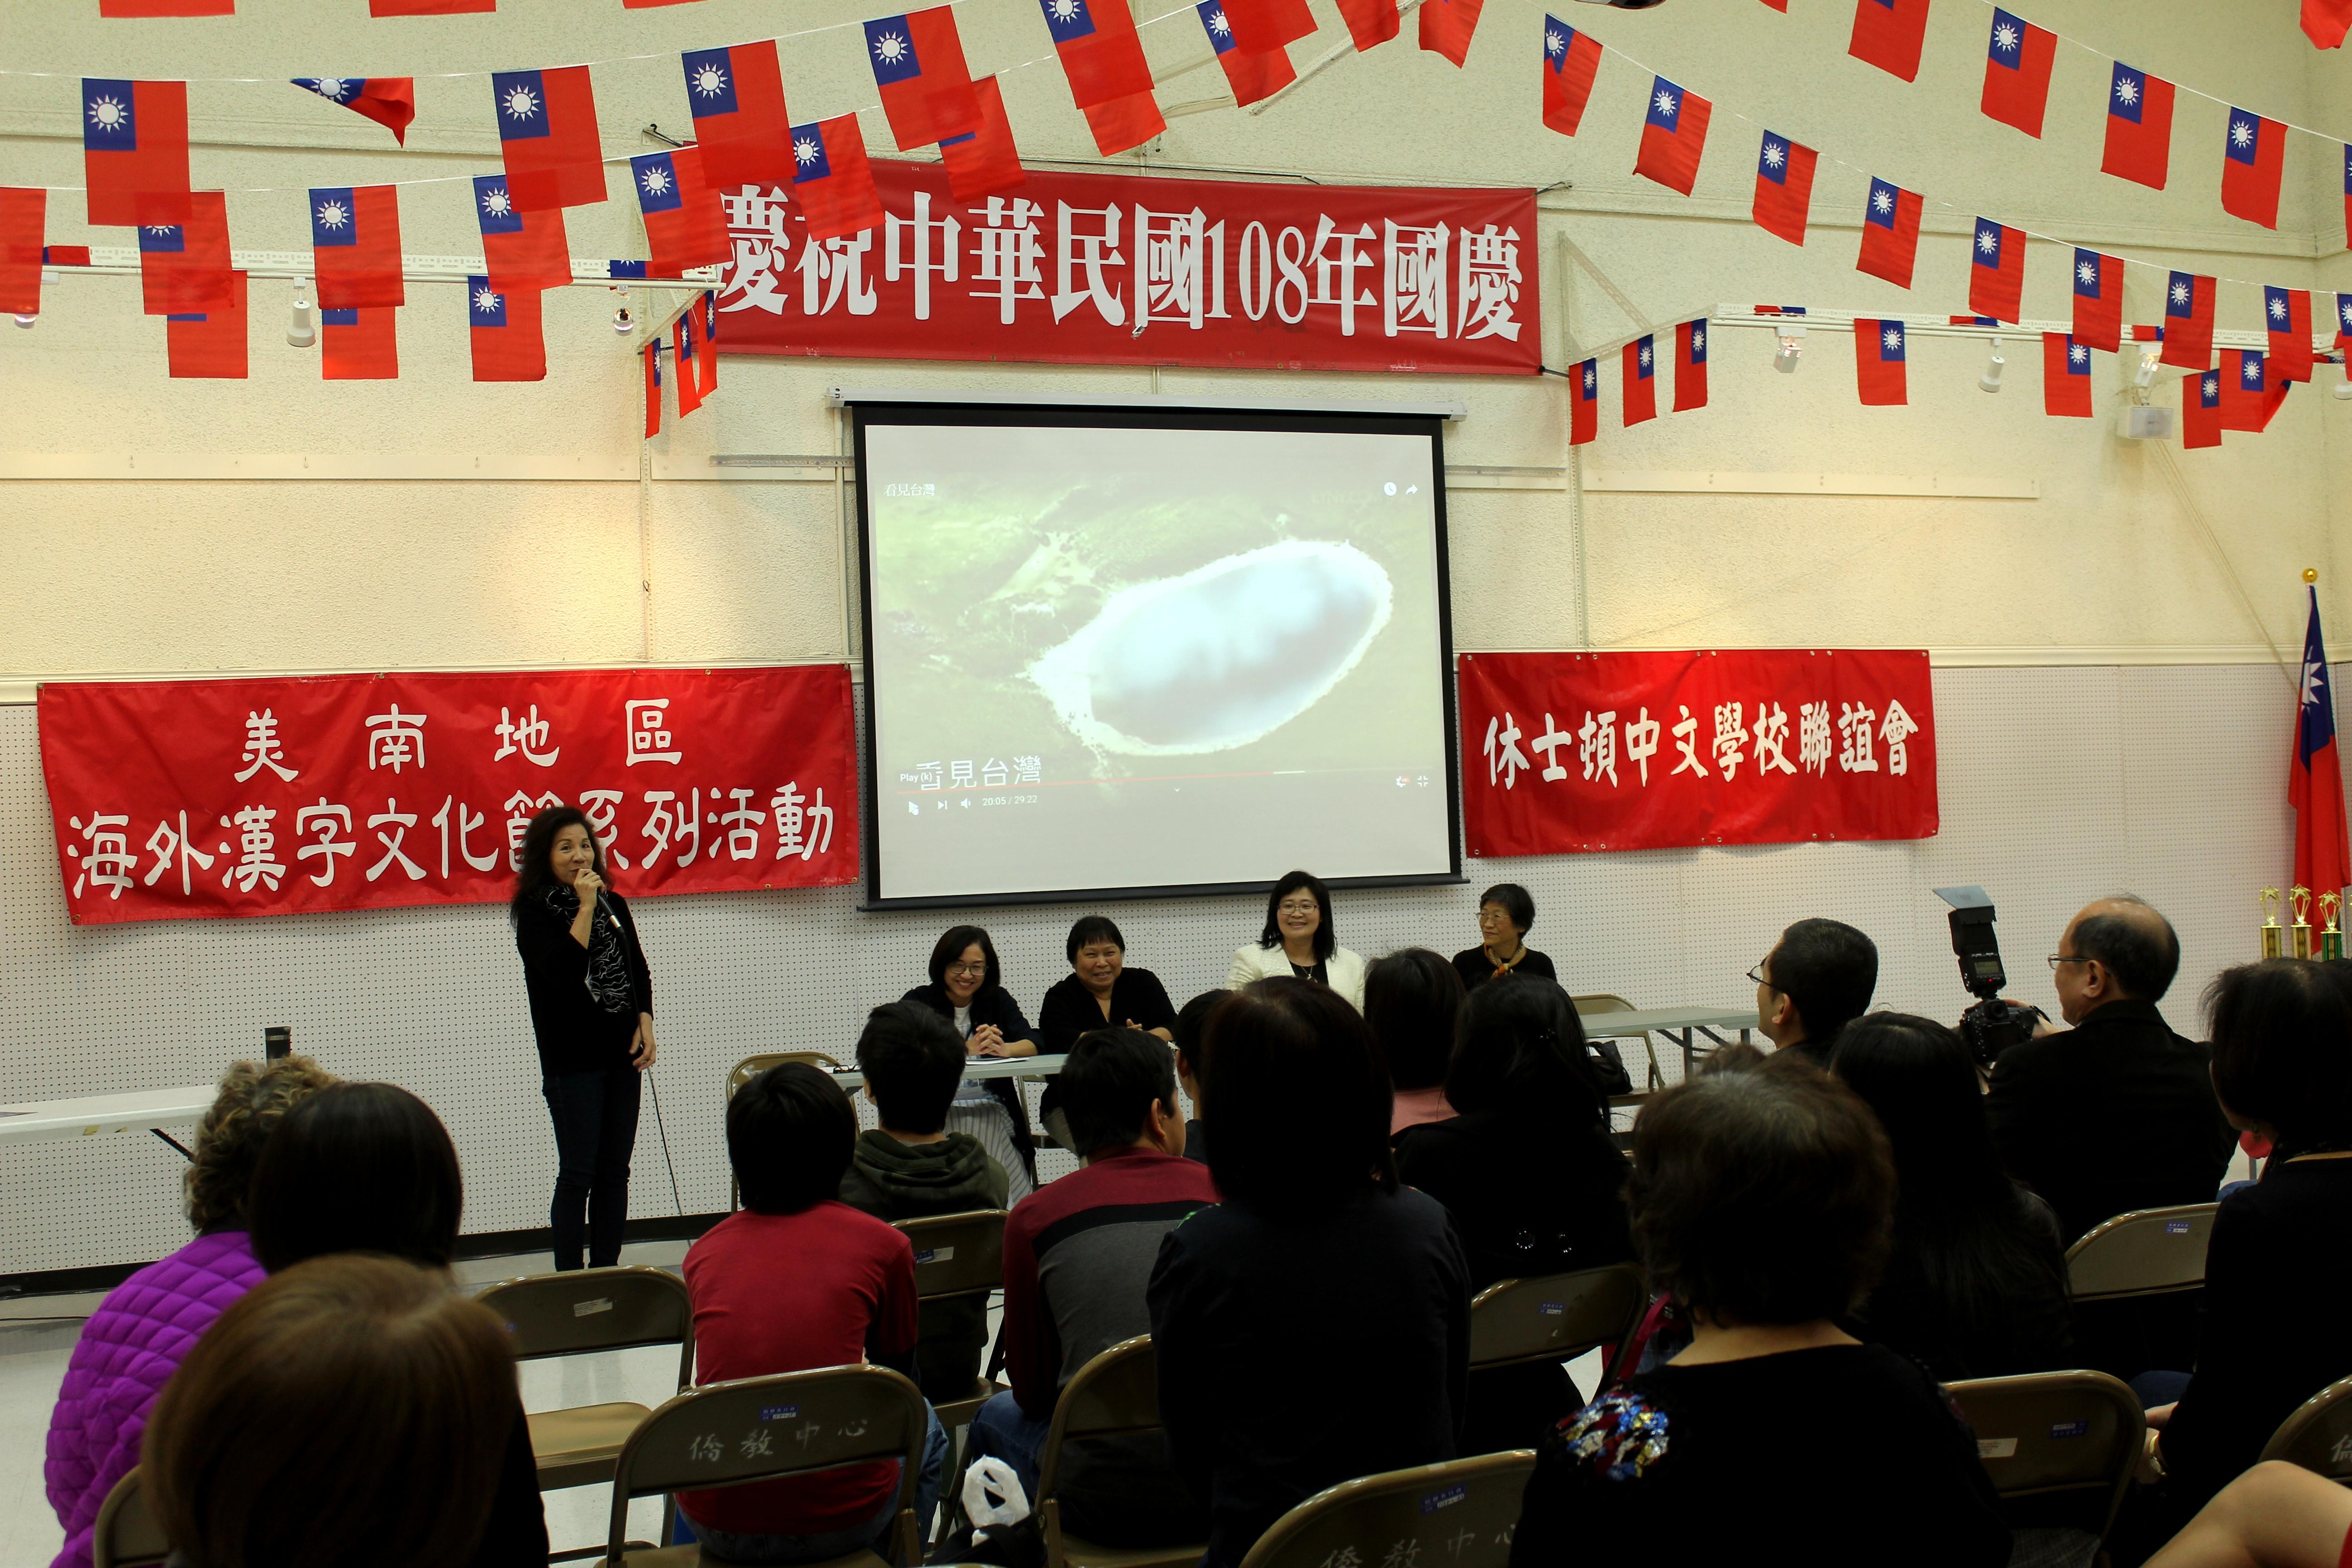 美南地區漢字文化節系列活動之一多媒體簡報比賽。(記者盧淑君/攝影)